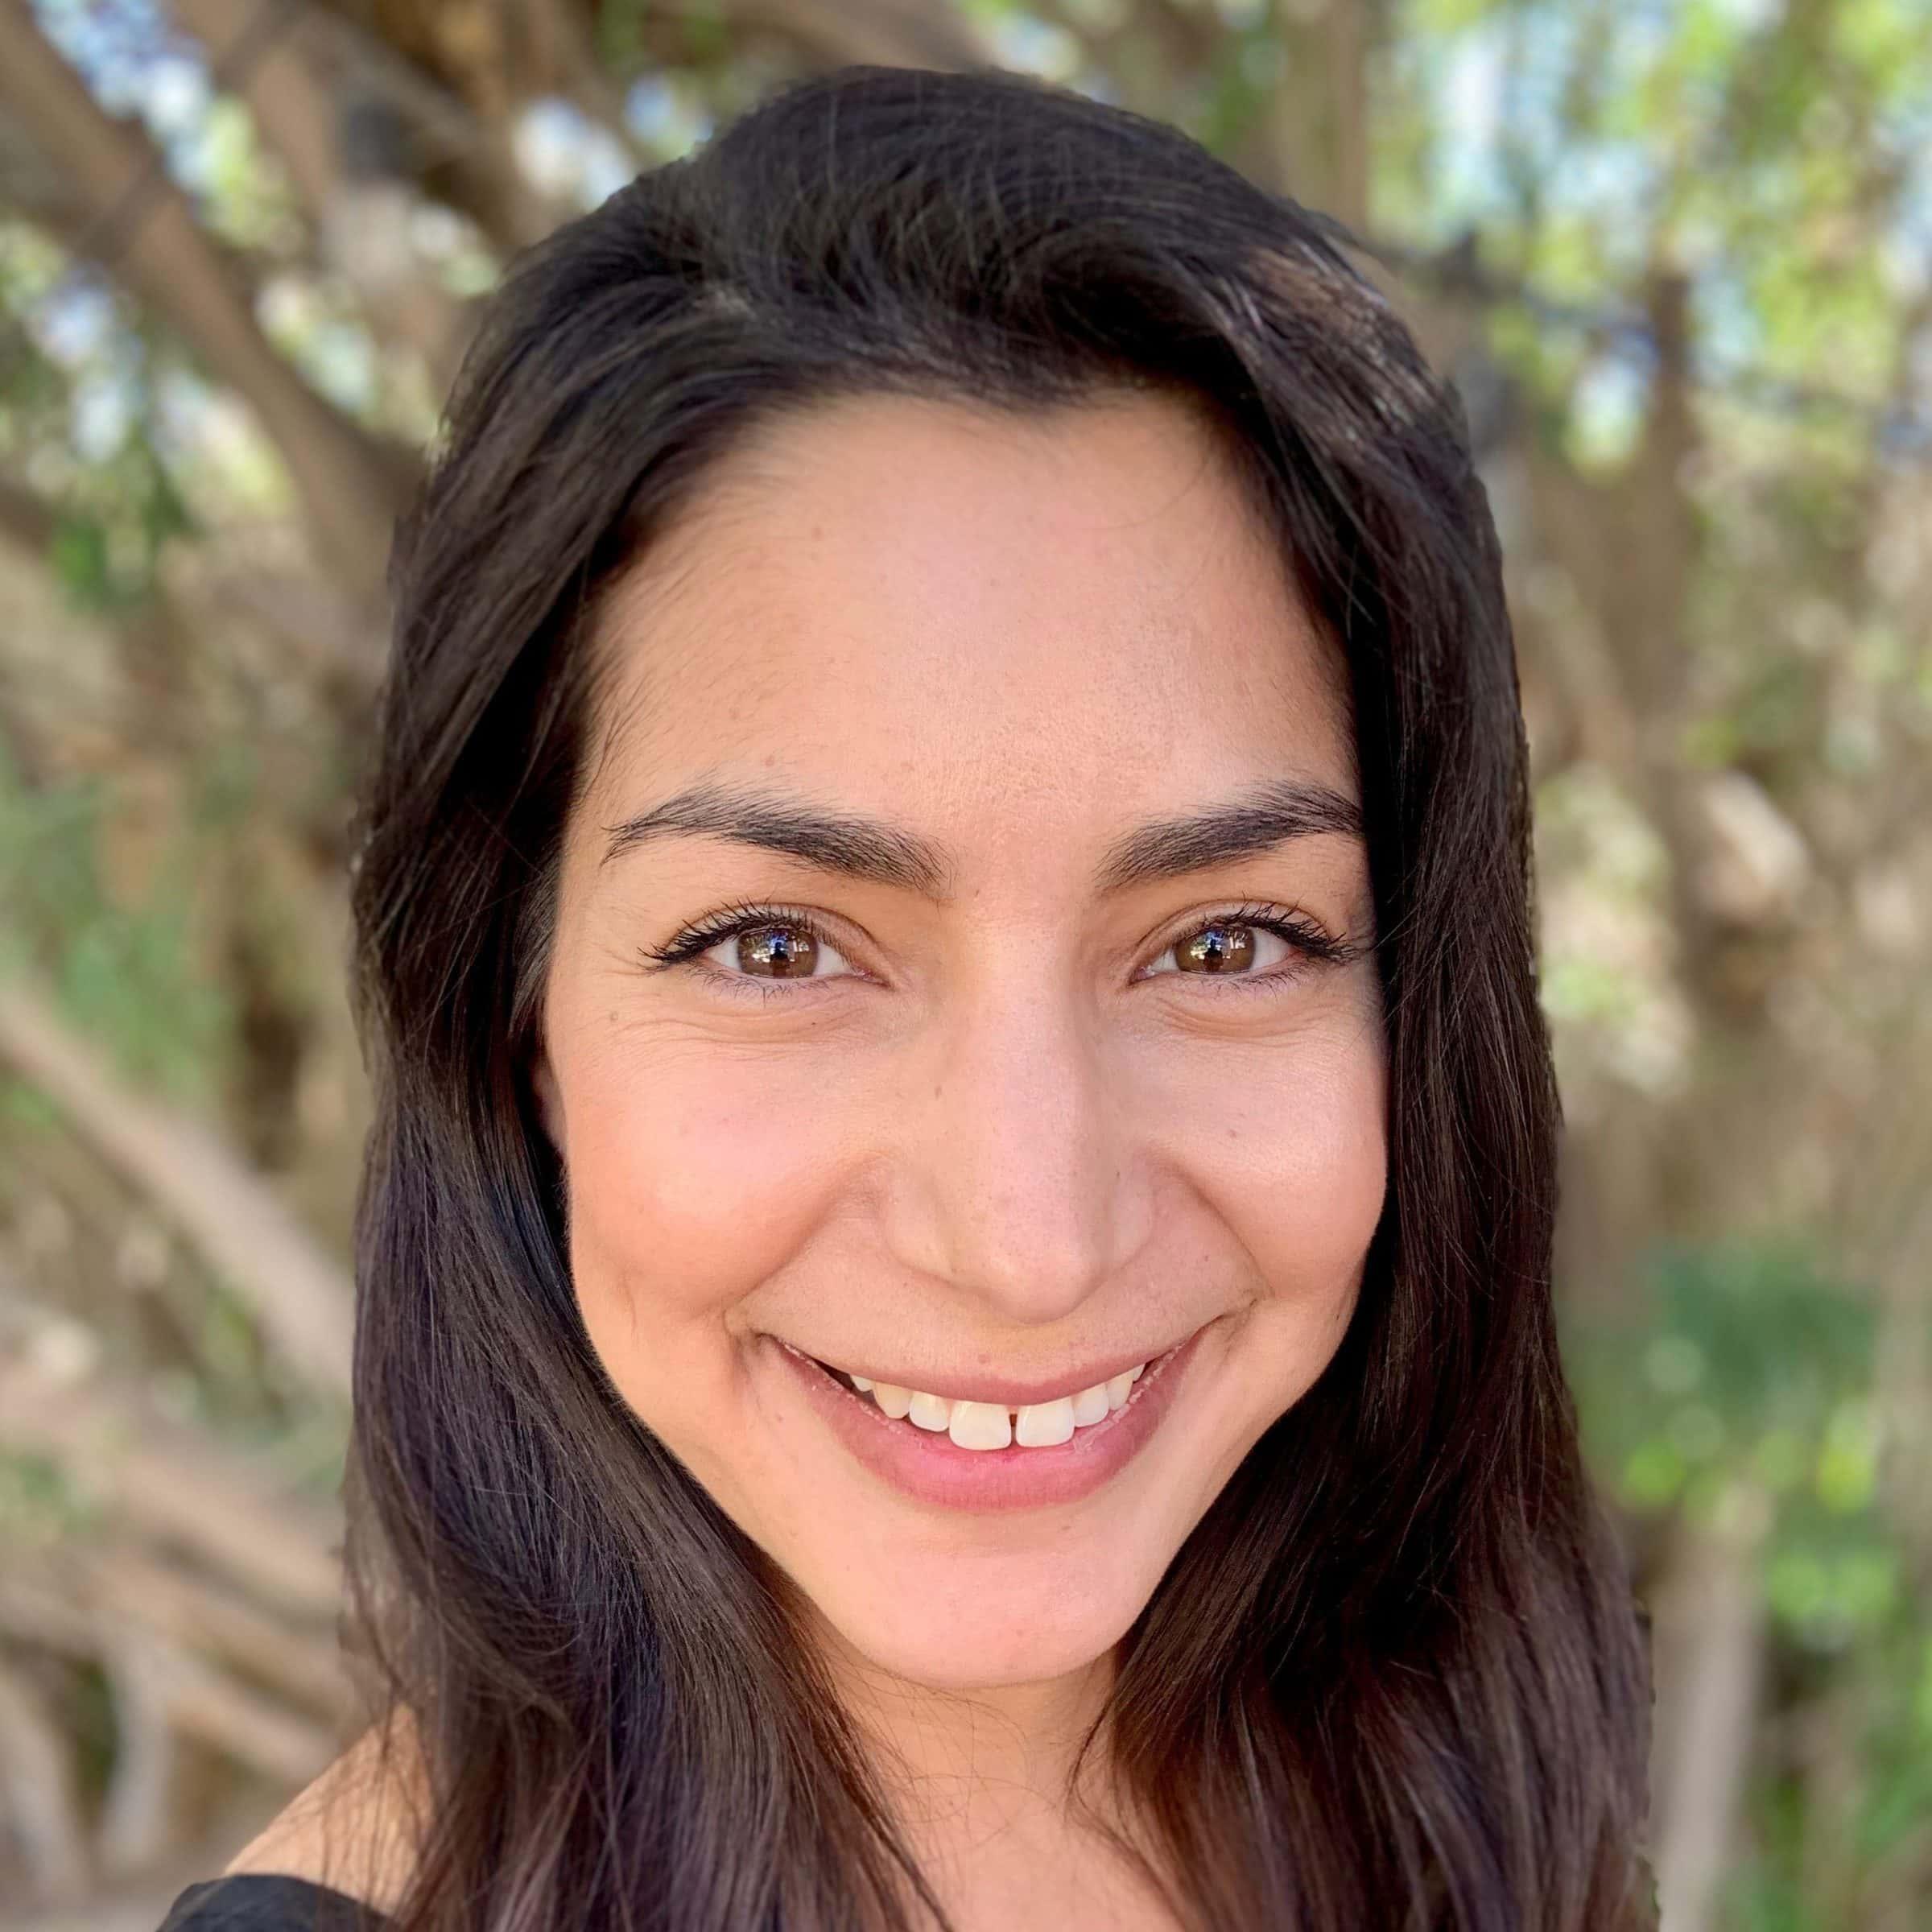 Samantha Alterman